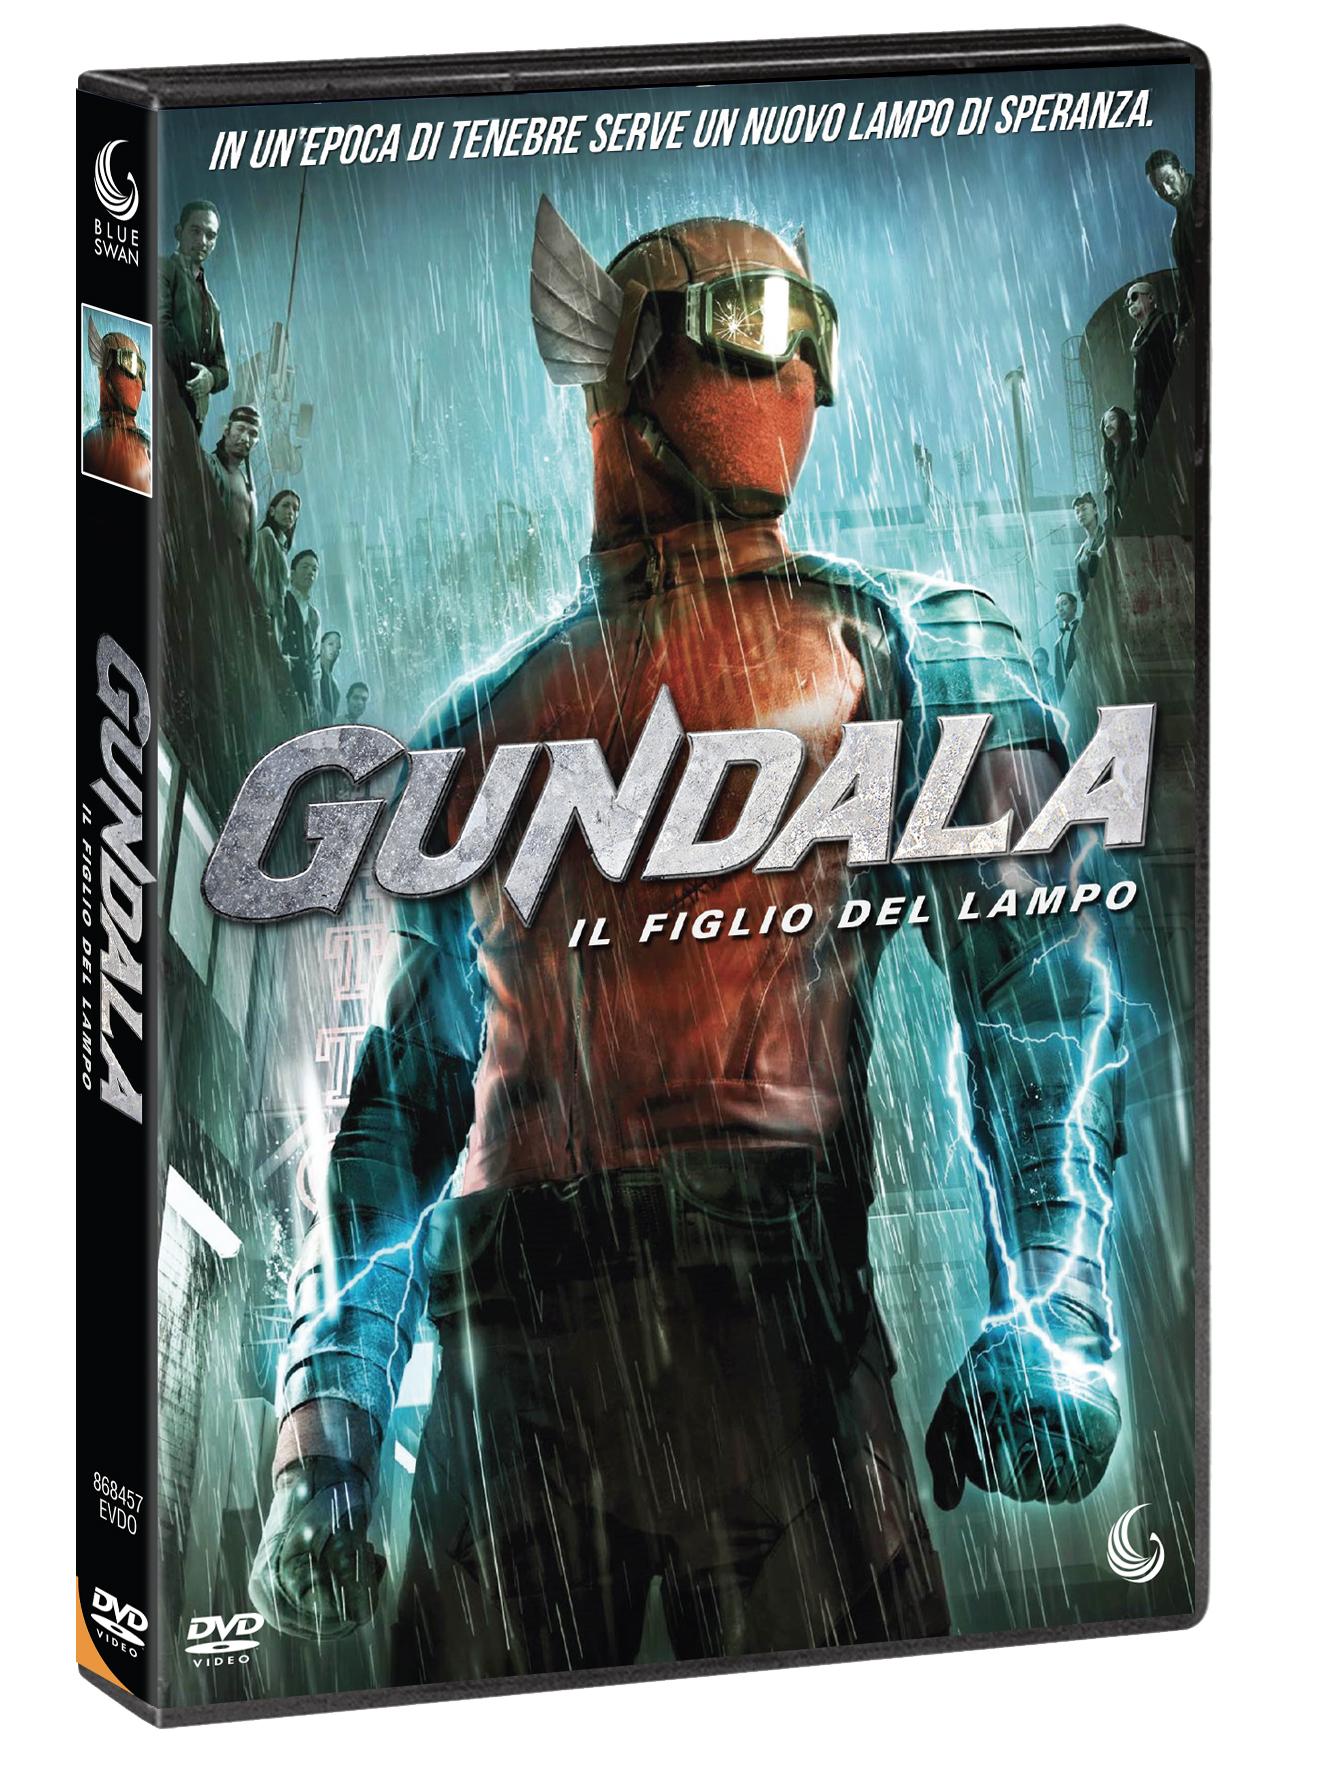 GUNDALA - IL FIGLIO DEL LAMPO (DVD)